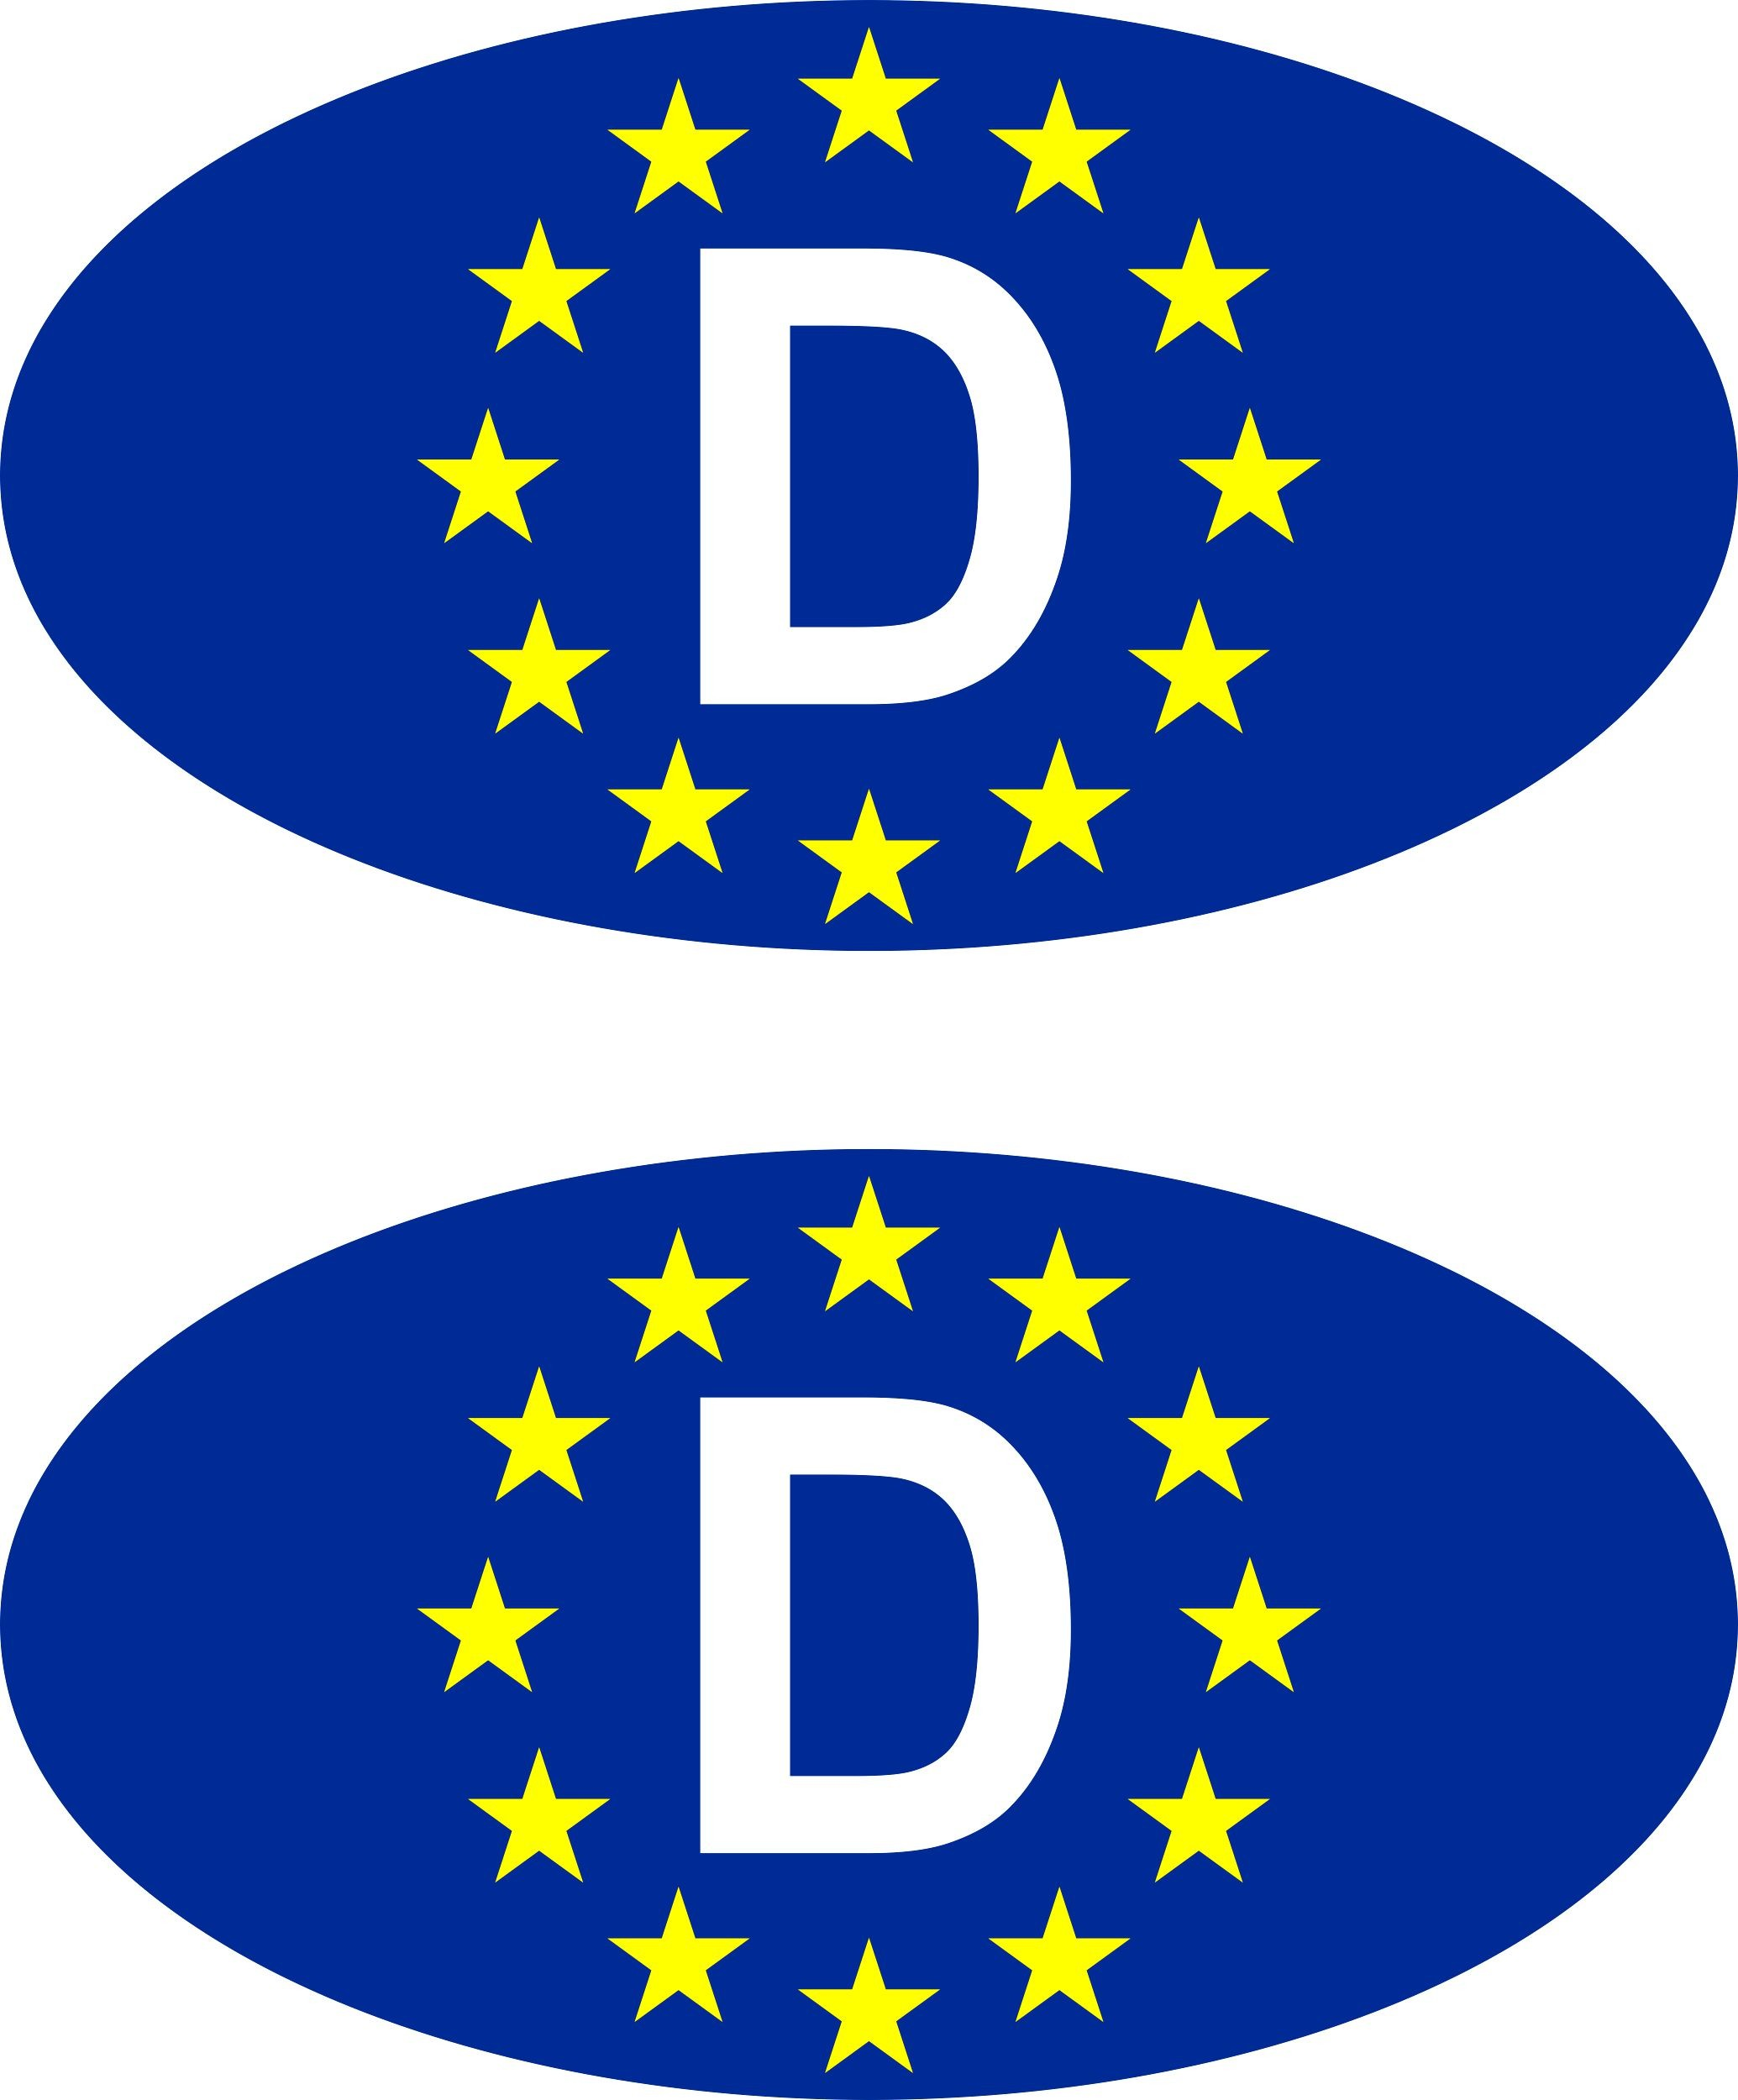 Aufkleber Europa-D Dimension 2er-Set je 25 x 40 mm  Fanartikel  – Bild 1